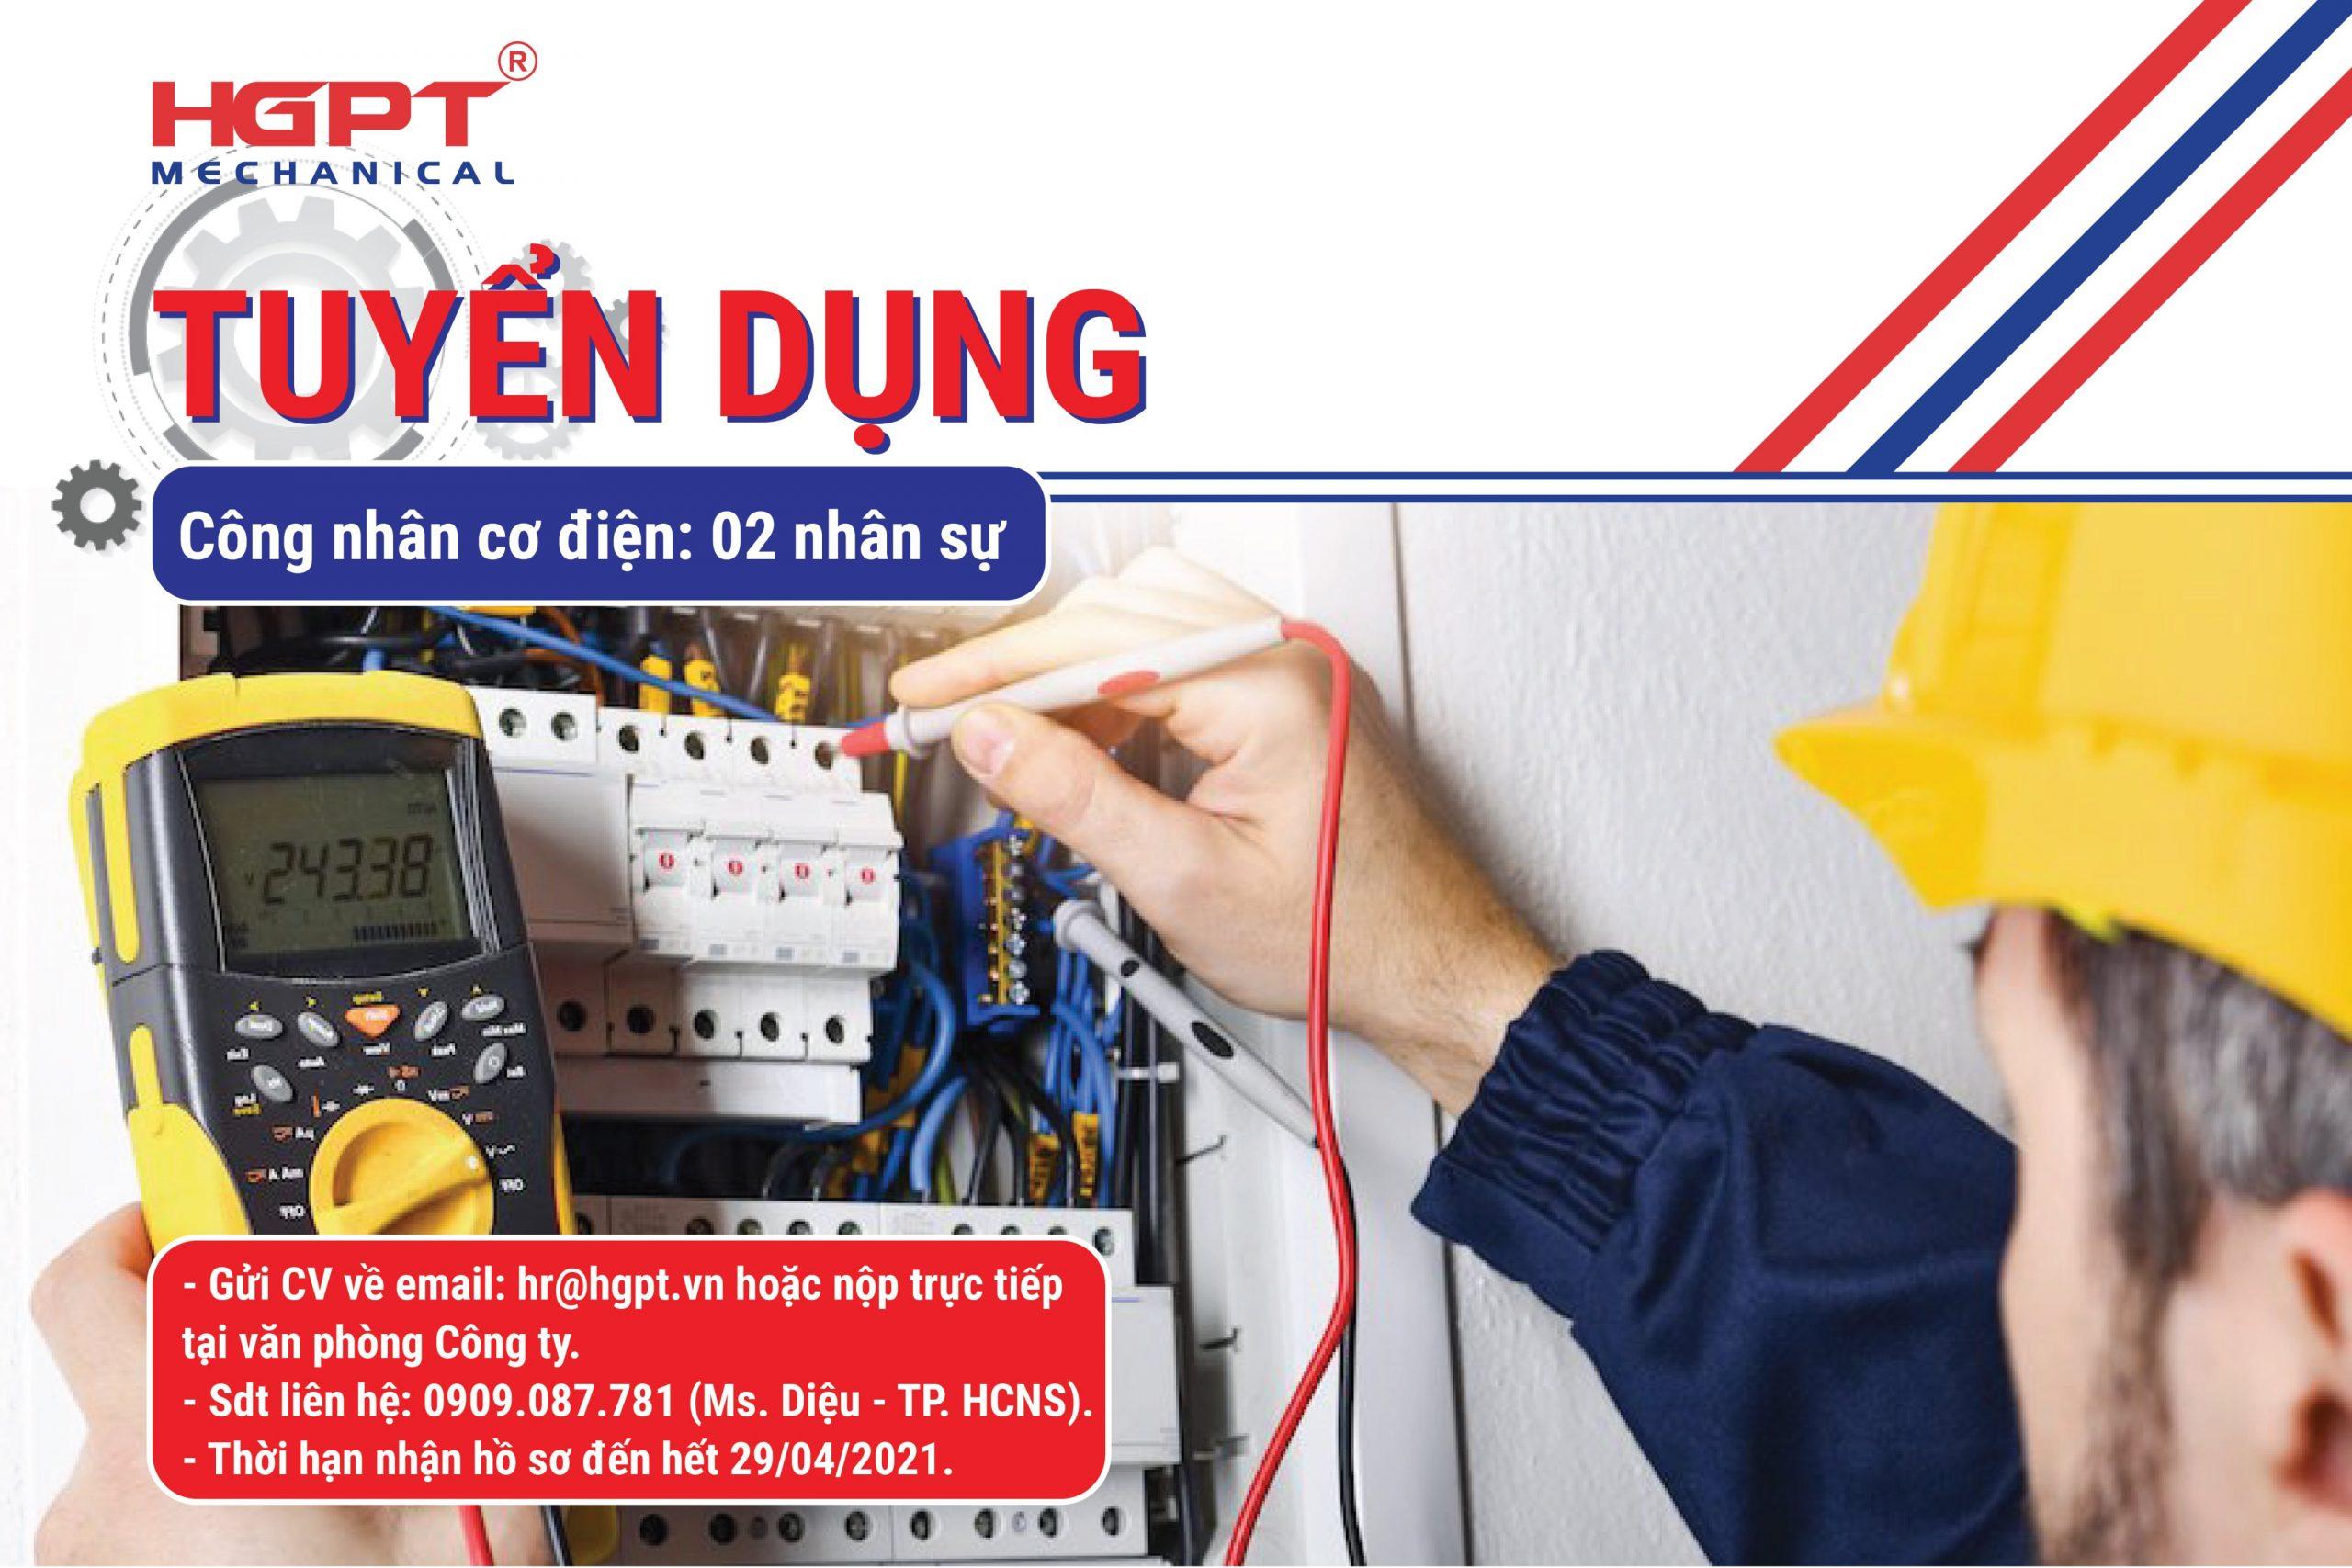 HGPT Mechanical cần tuyển Công nhân cơ điện